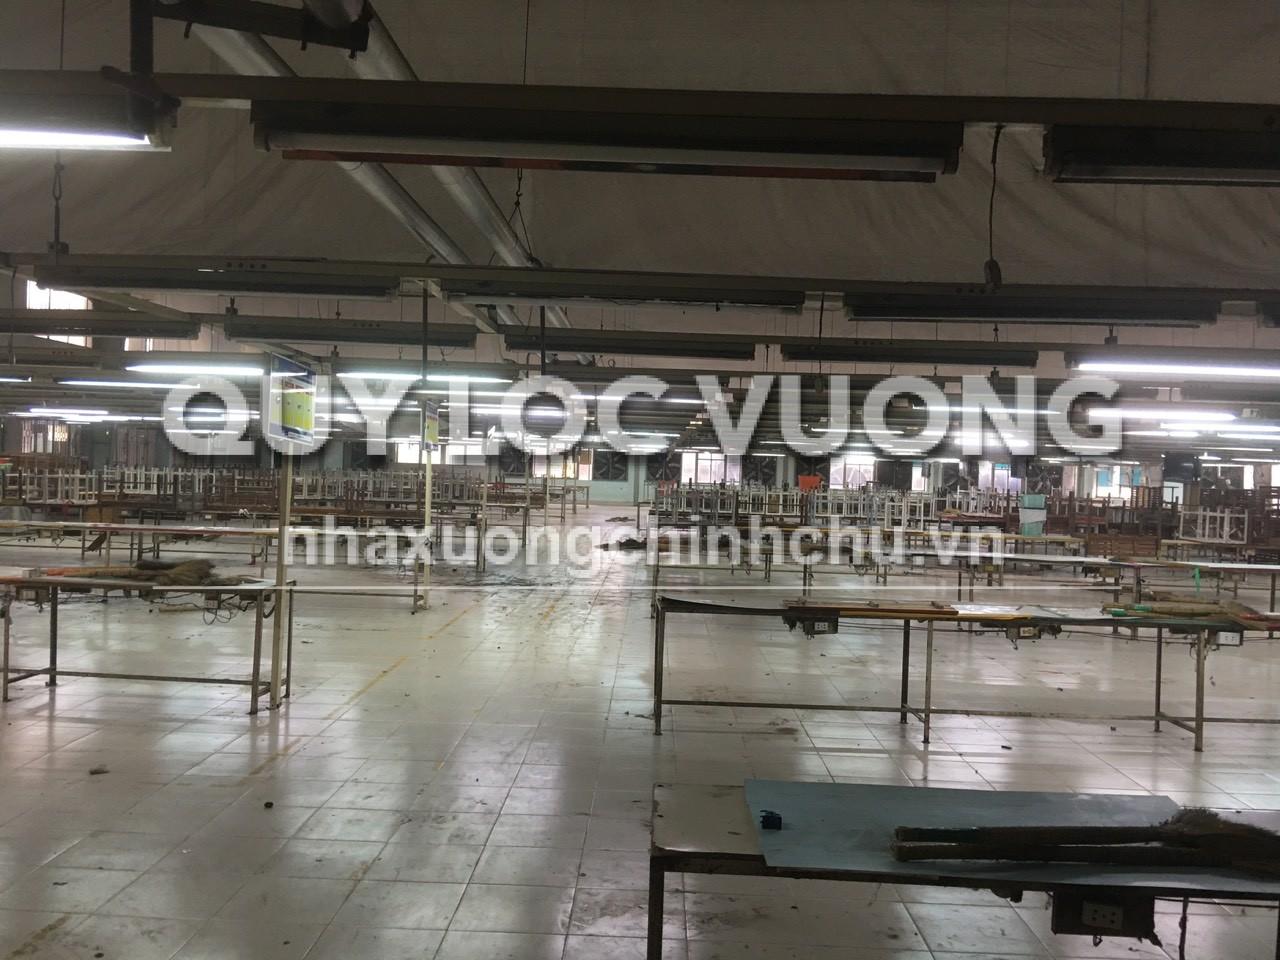 Cho thuê xưởng sản xuất và kho 2.020m2 trong KCN Biên Hòa 1 Đồng Nai